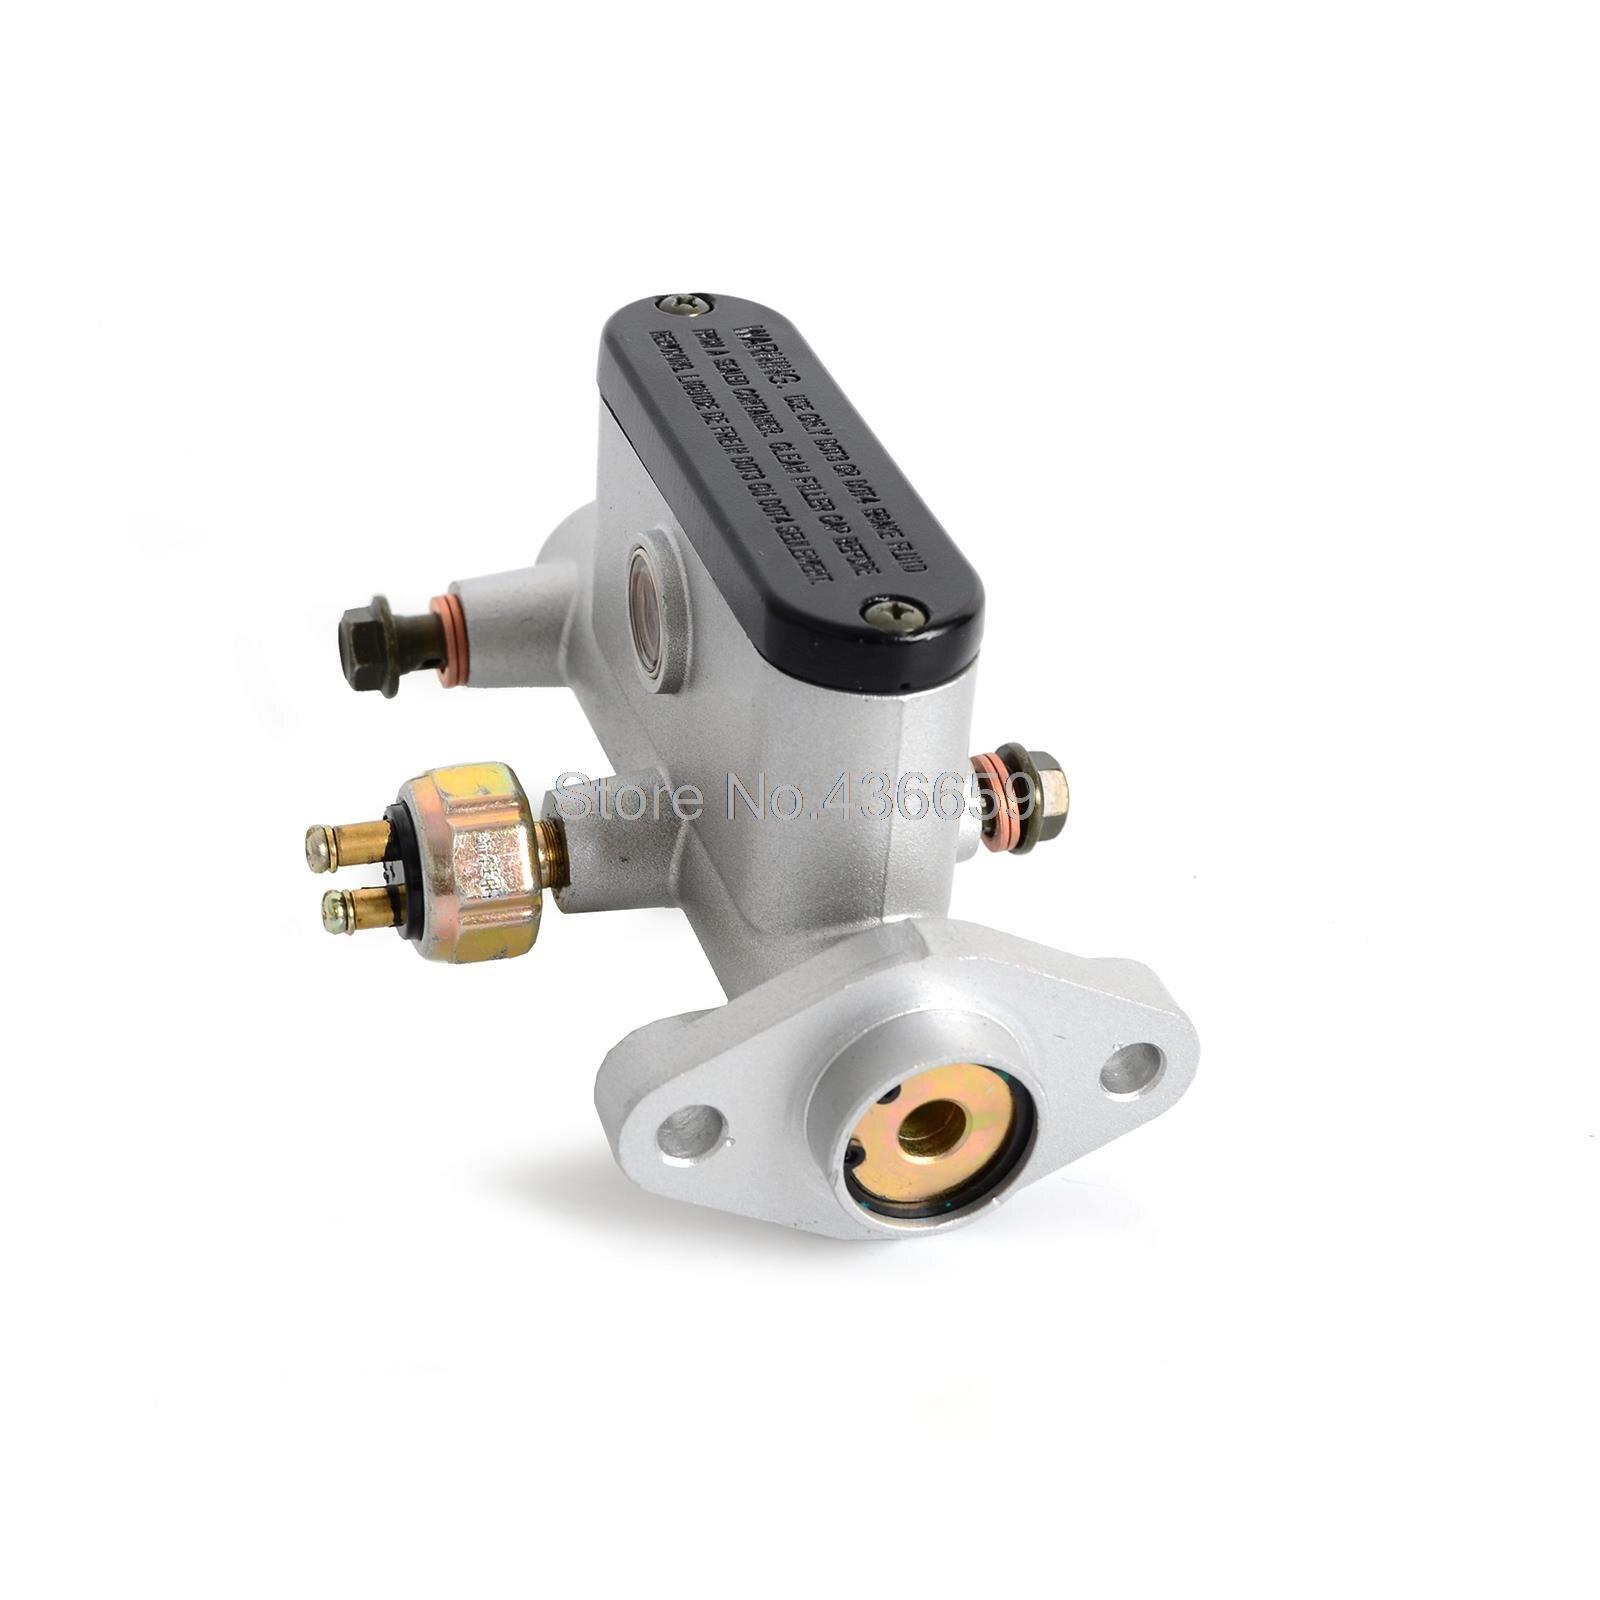 Brake Master Cylinder For UTV 150 170 180 CC BMS AVENGER TOMBERLIN CROSSFIRE